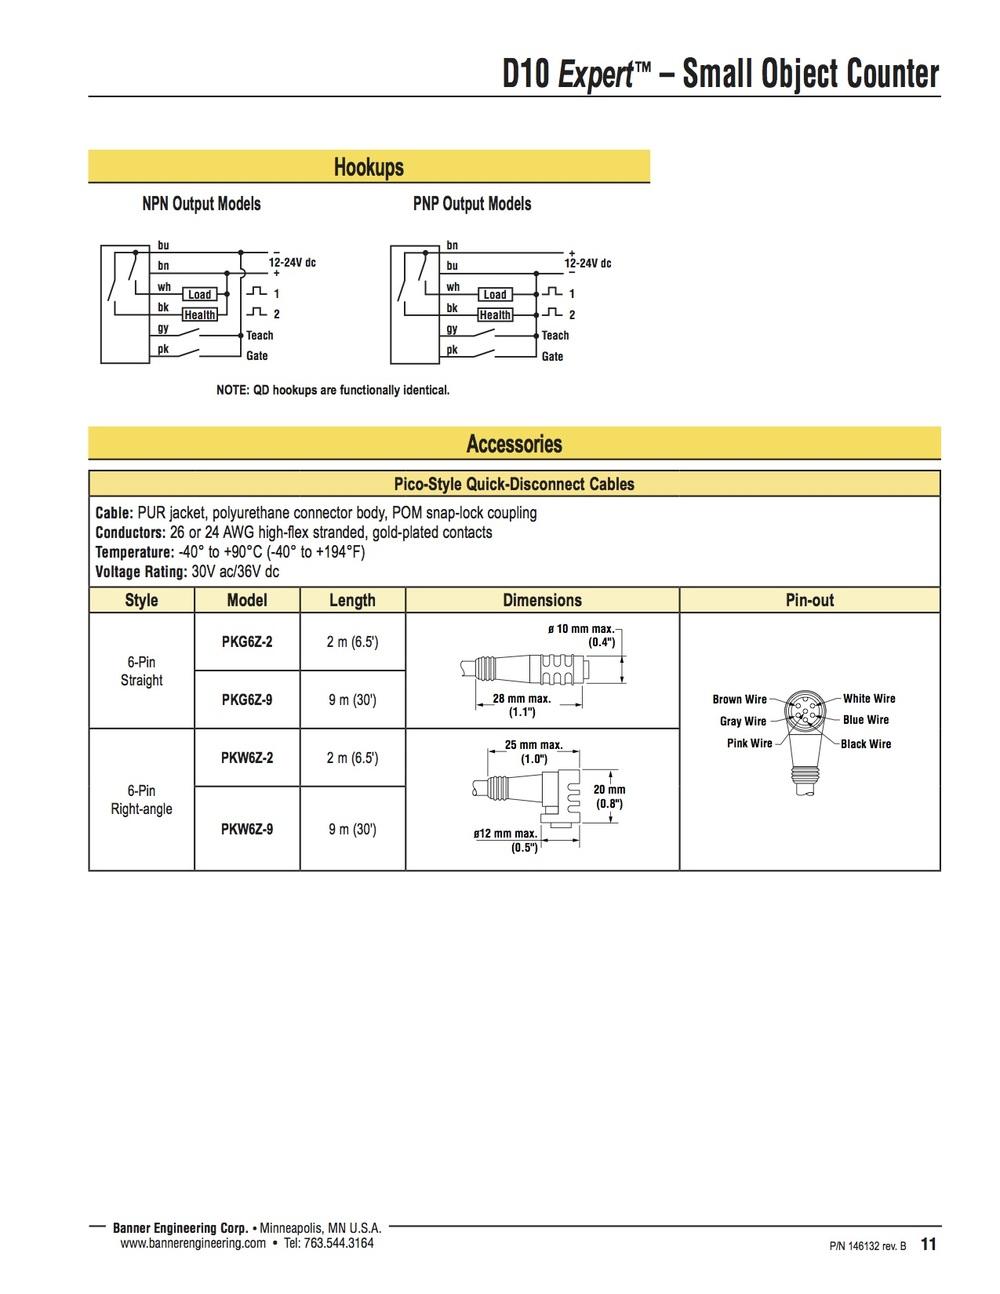 banner-datasheet-d10-11.jpg